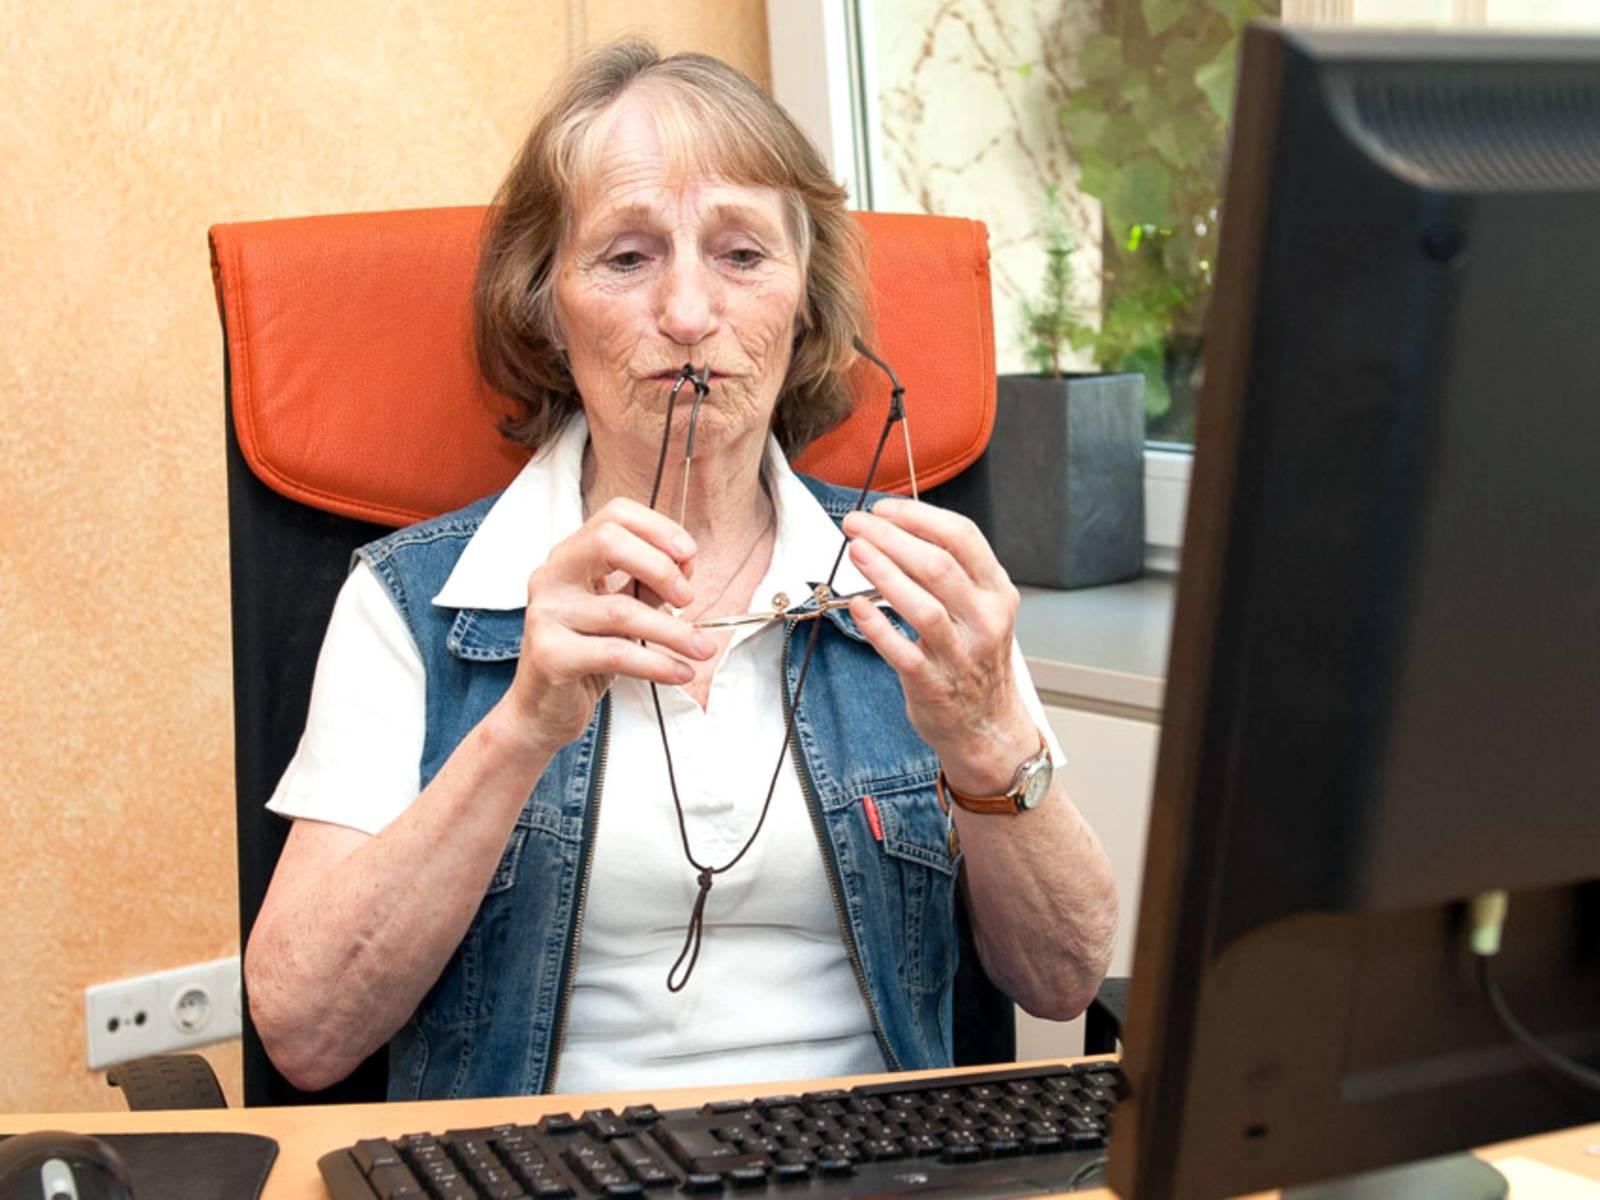 Eine ältere Frau an einem Schreibtisch. Sie hat die Bügel ihrer Brille an ihrem Mund und wirkt nachdenklich.